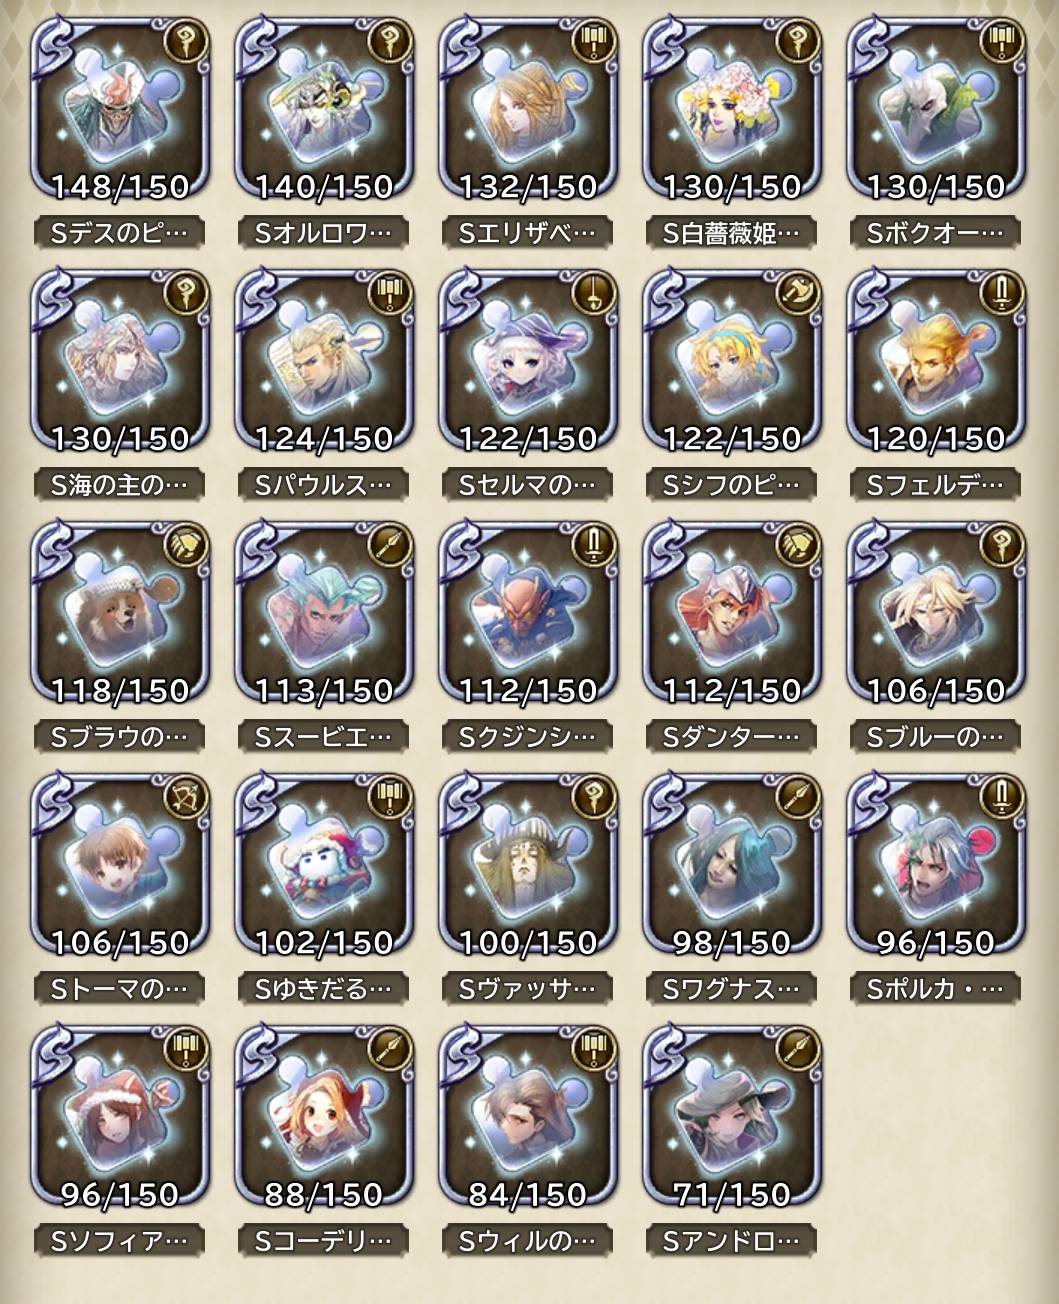 【ロマサガRS】未だSスタイルピース150到達なし・・これおかしくないか!?!?